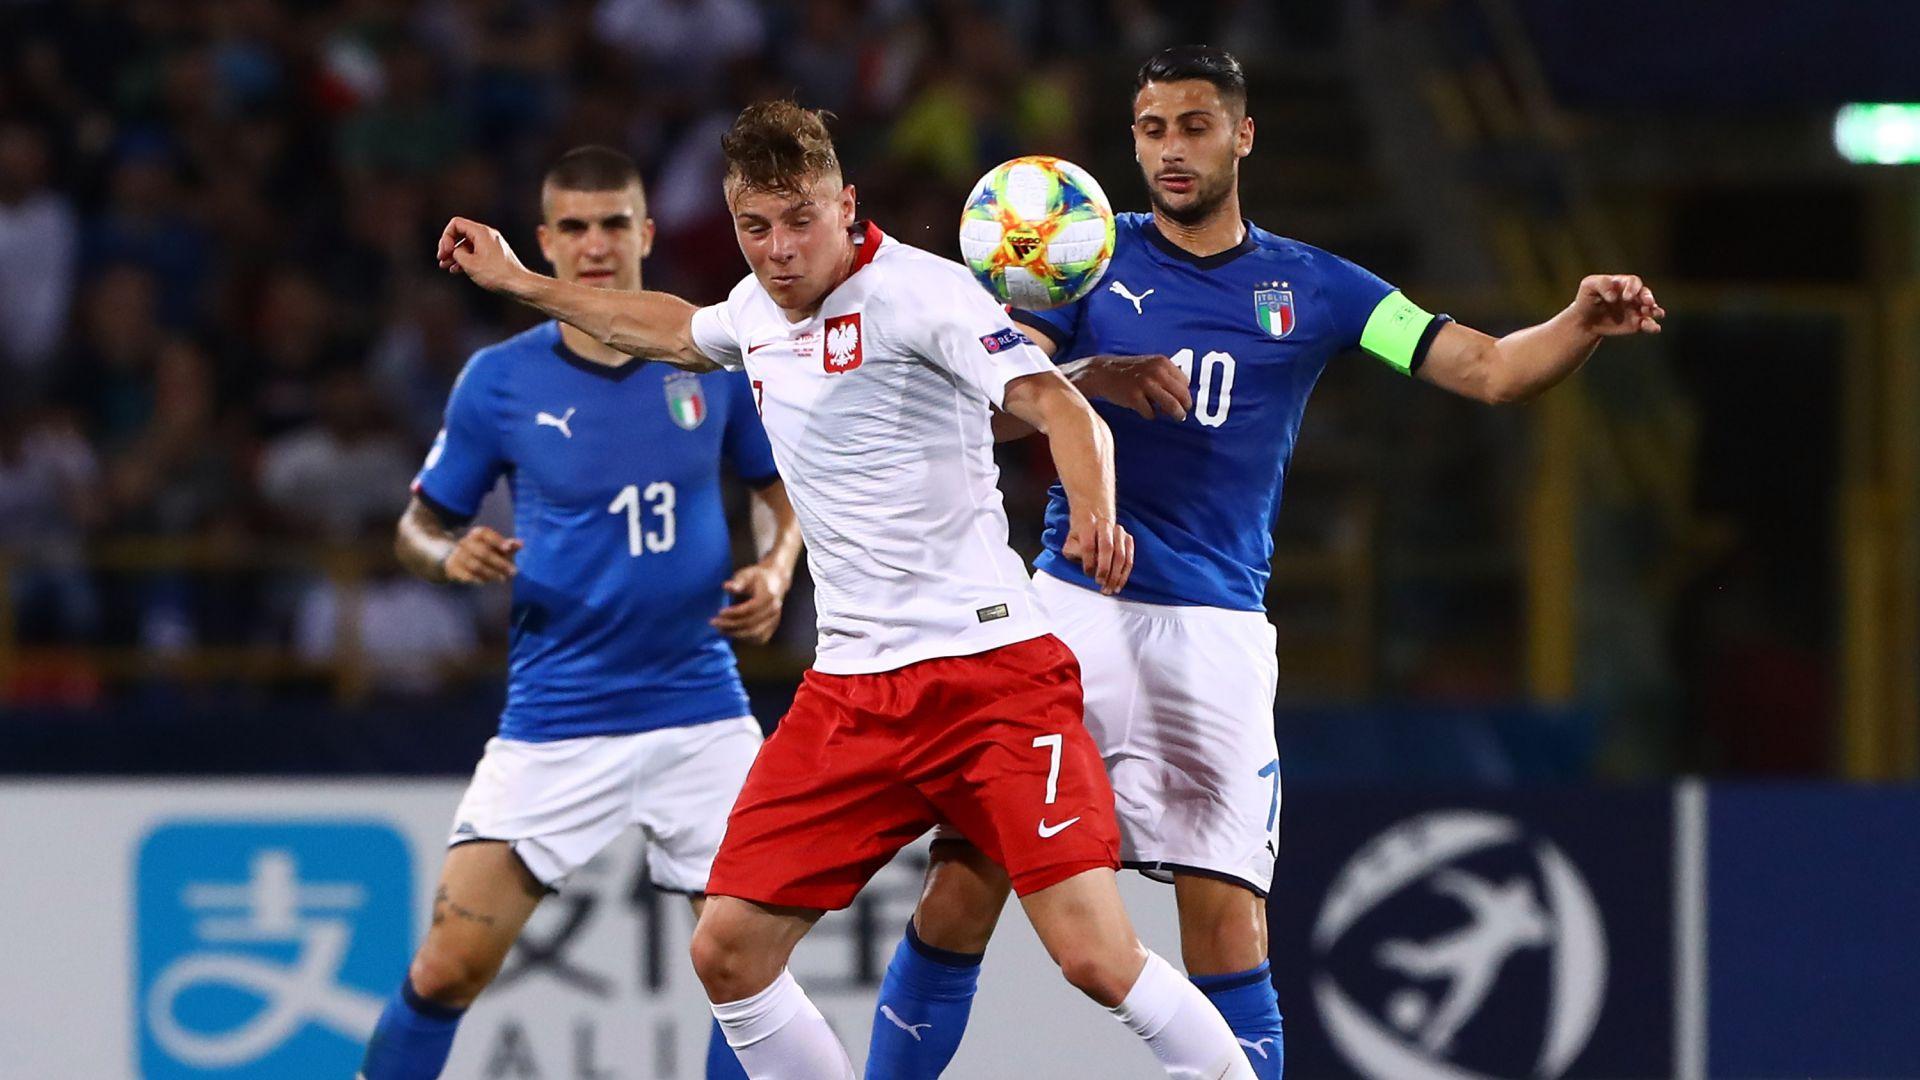 Euro Espoirs - La Pologne surprend l'Italie (1-0)